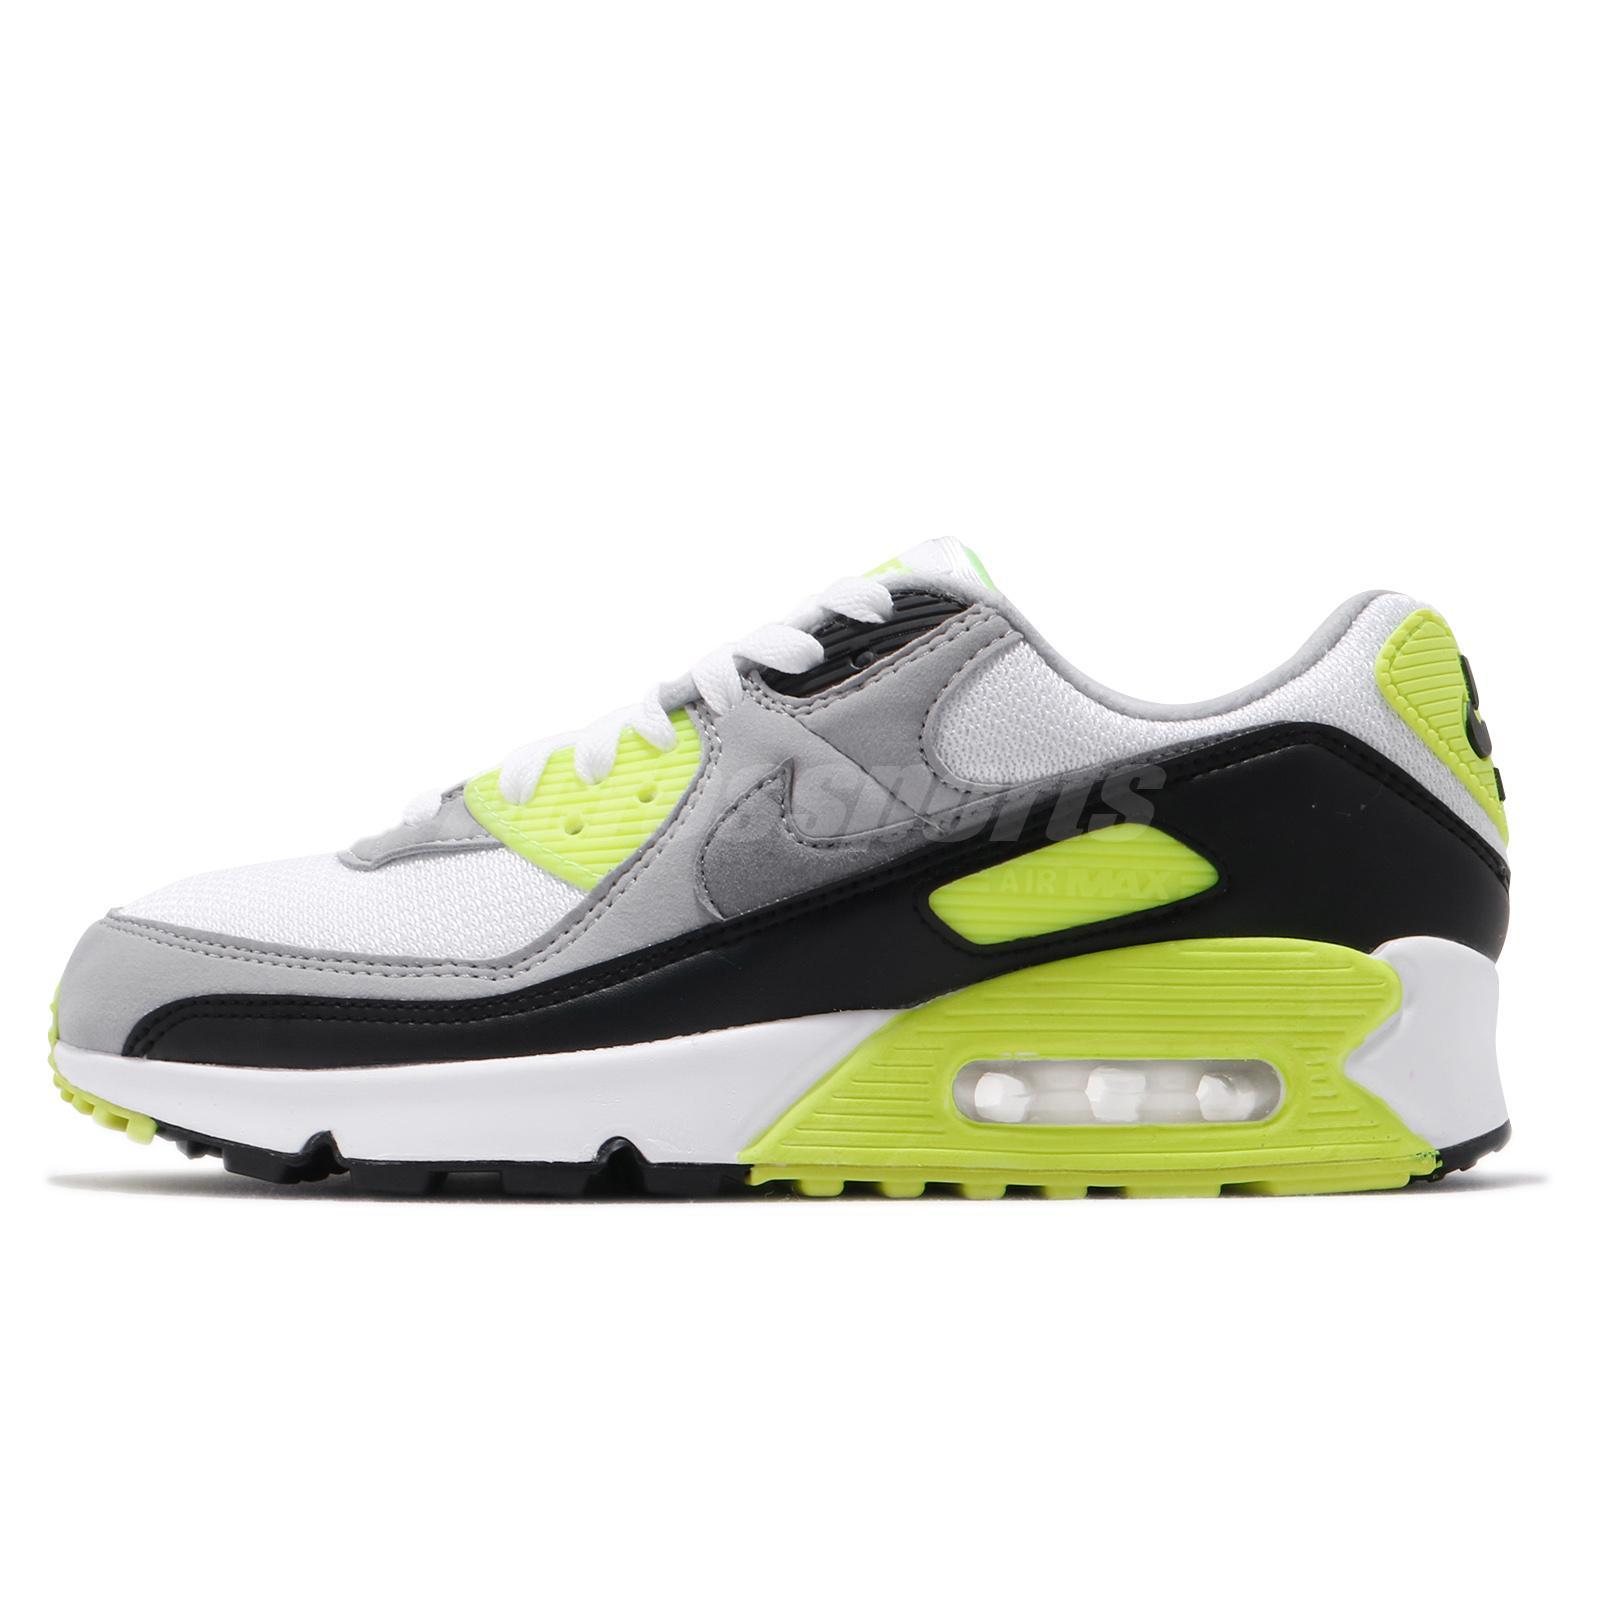 Nike Air Max 90 Og 2020 Volt White Grey Black Men Casual Shoe Sneaker Cd0881 103 Ebay